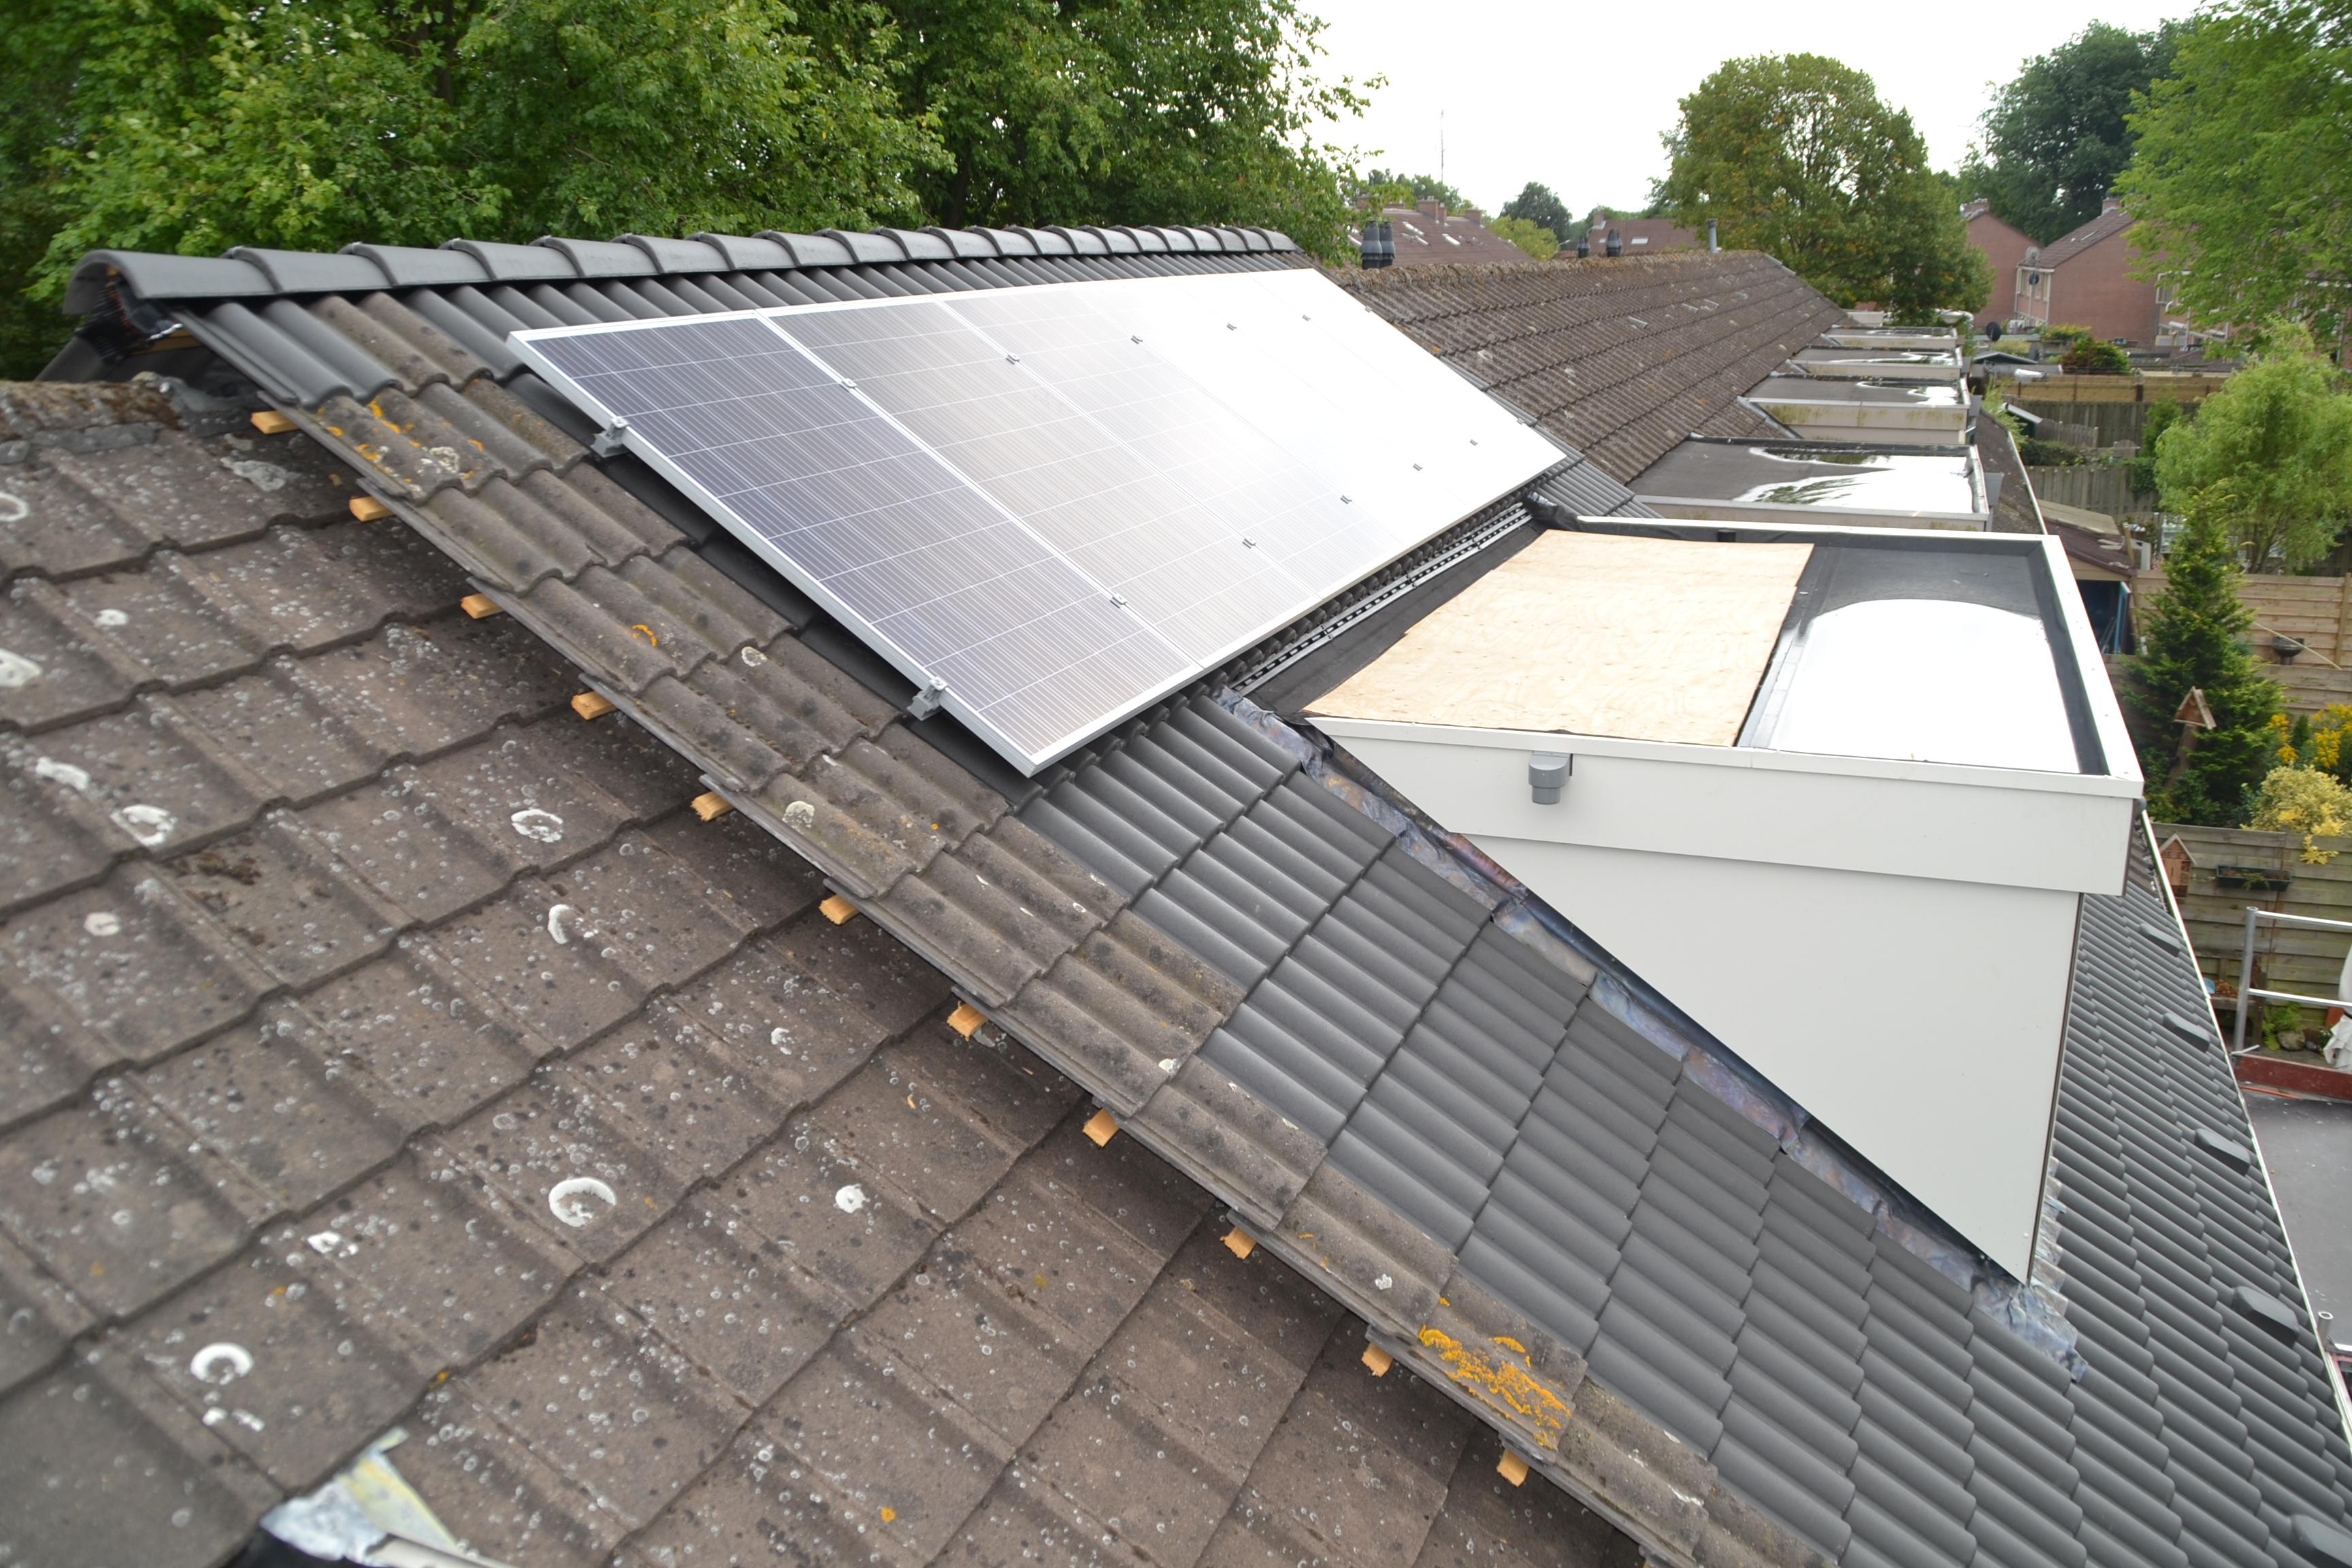 Op Grote Weid 15 in Enkhuizen is al een nieuwe dakkapel geplaatst en het oude dak vervangen en voorzien van zonnepanelen. (Foto: aangeleverd)